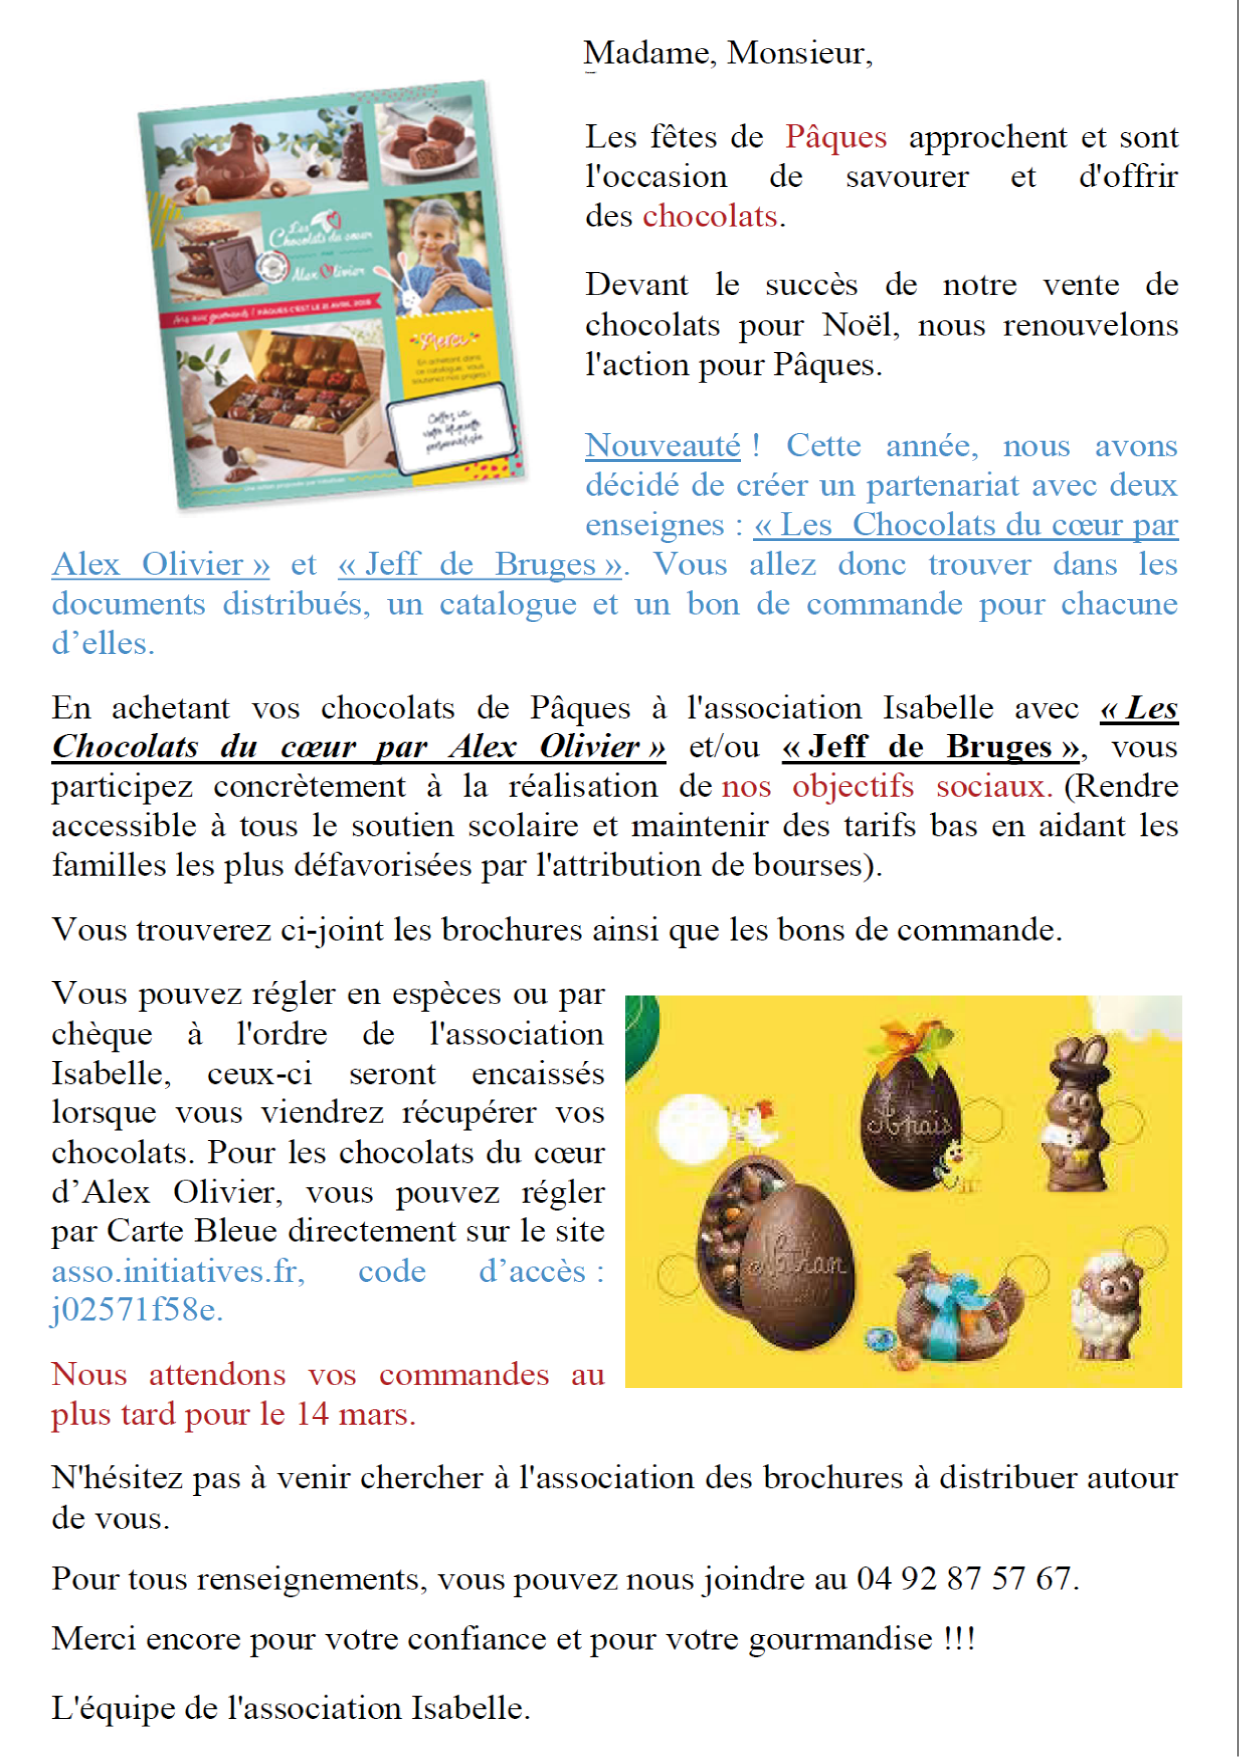 Texte Pour Mail Association Isabelle